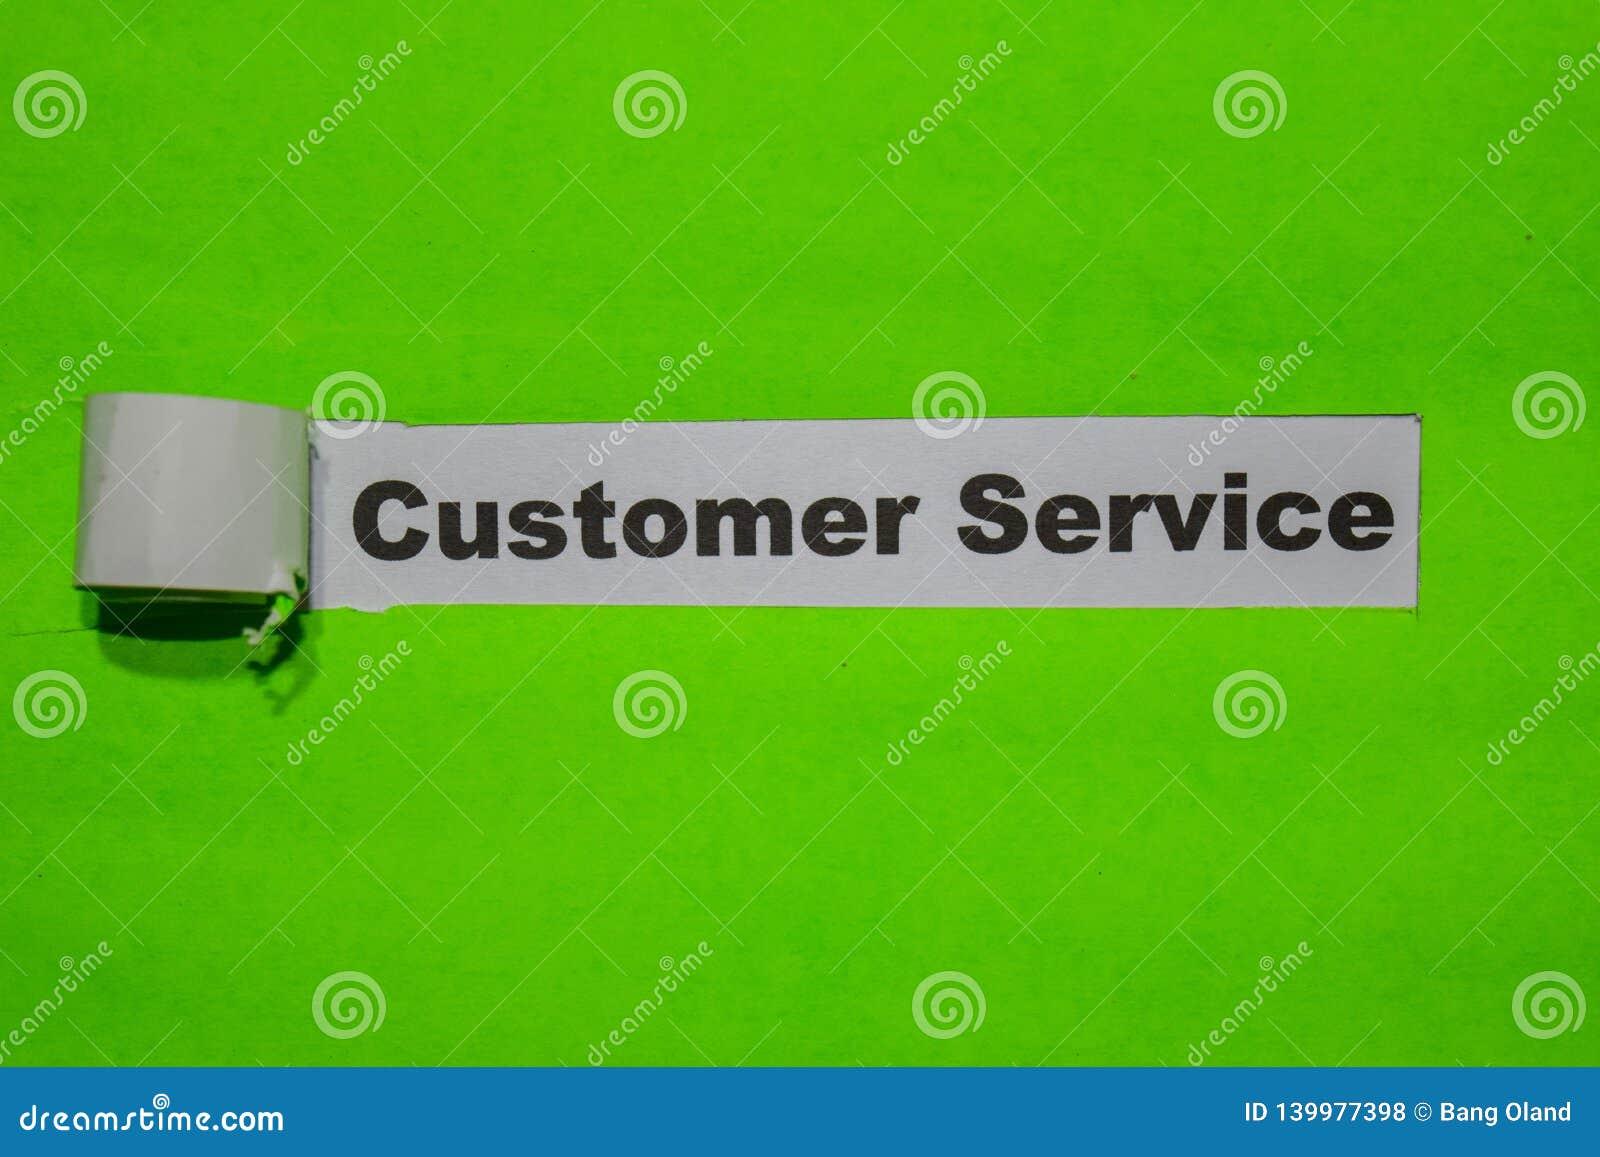 Concetto di servizio di assistenza al cliente, di ispirazione e di affari su carta lacerata verde